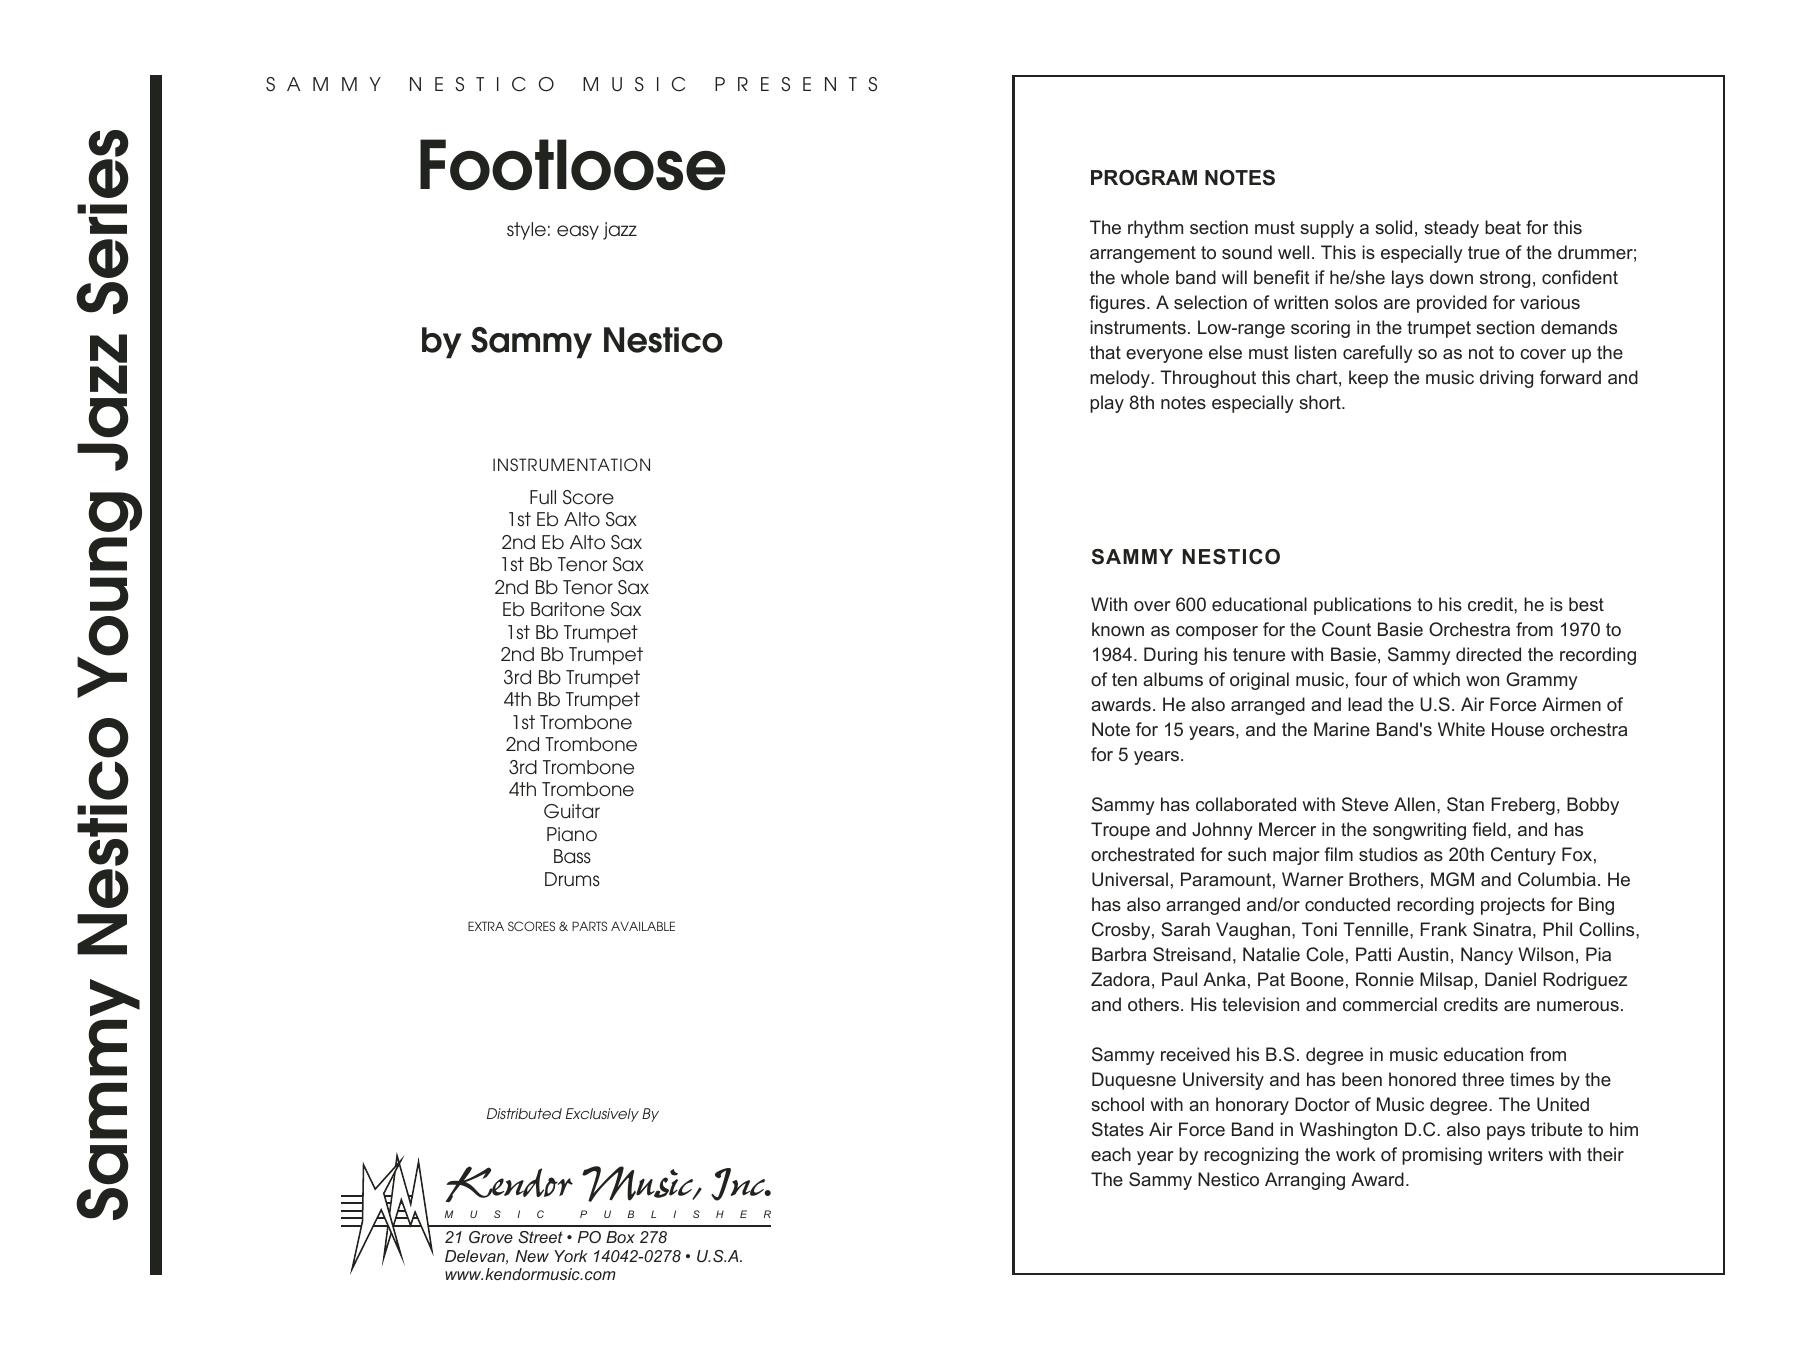 Footloose - Full Score Sheet Music